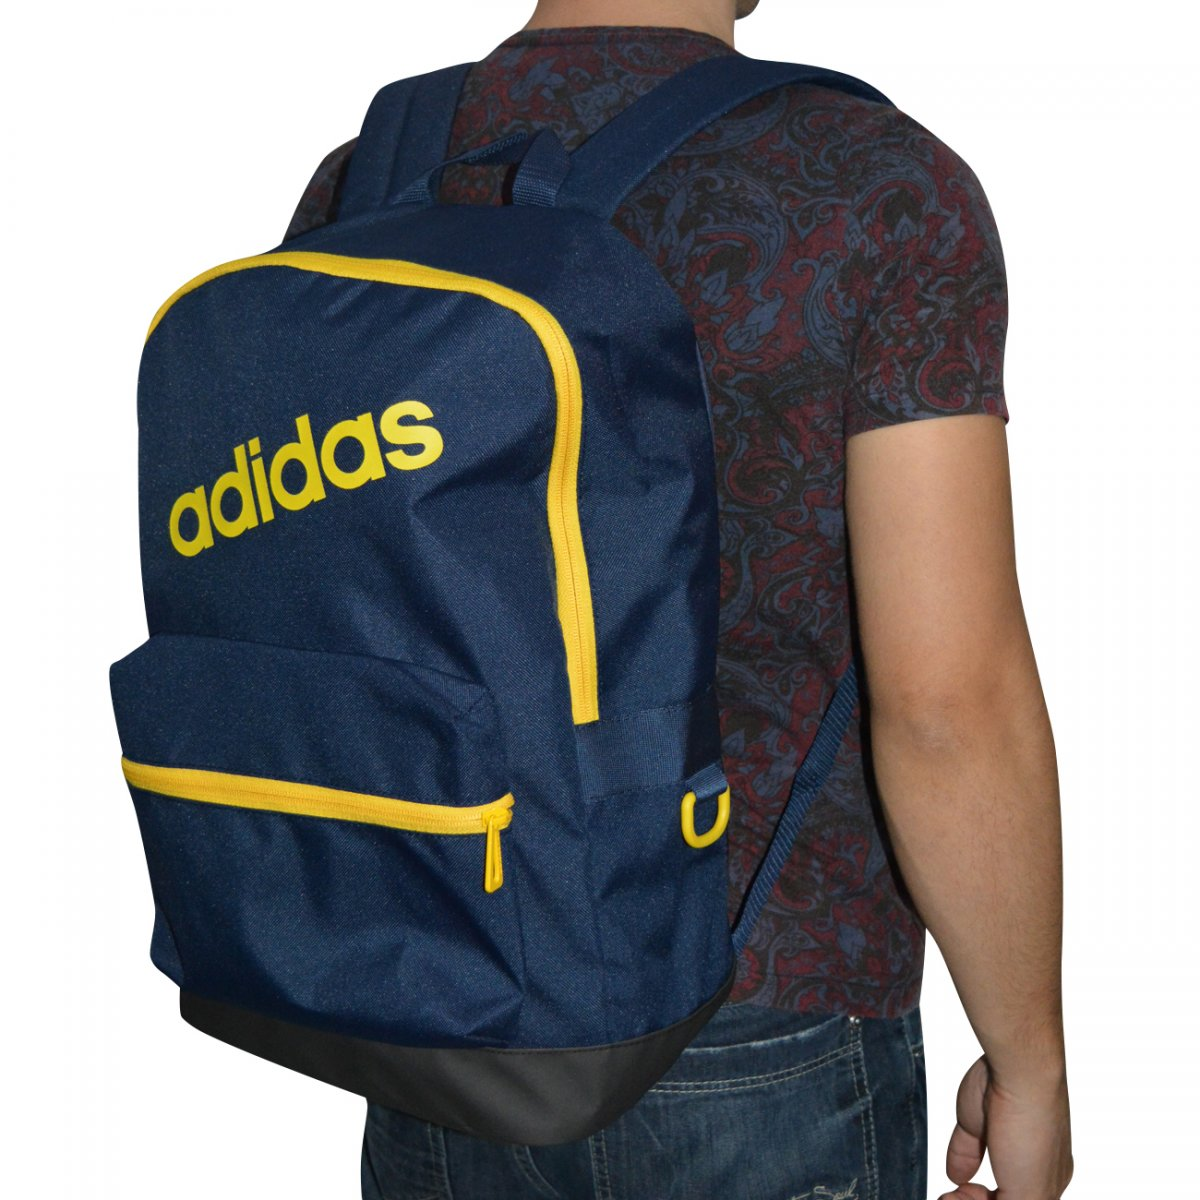 d8b9b77b8 Mochila Adidas BP Daily CD9921 - Marinho/amarelo - Chuteira Nike, Adidas.  Sandalias Femininas. Sandy Calçados